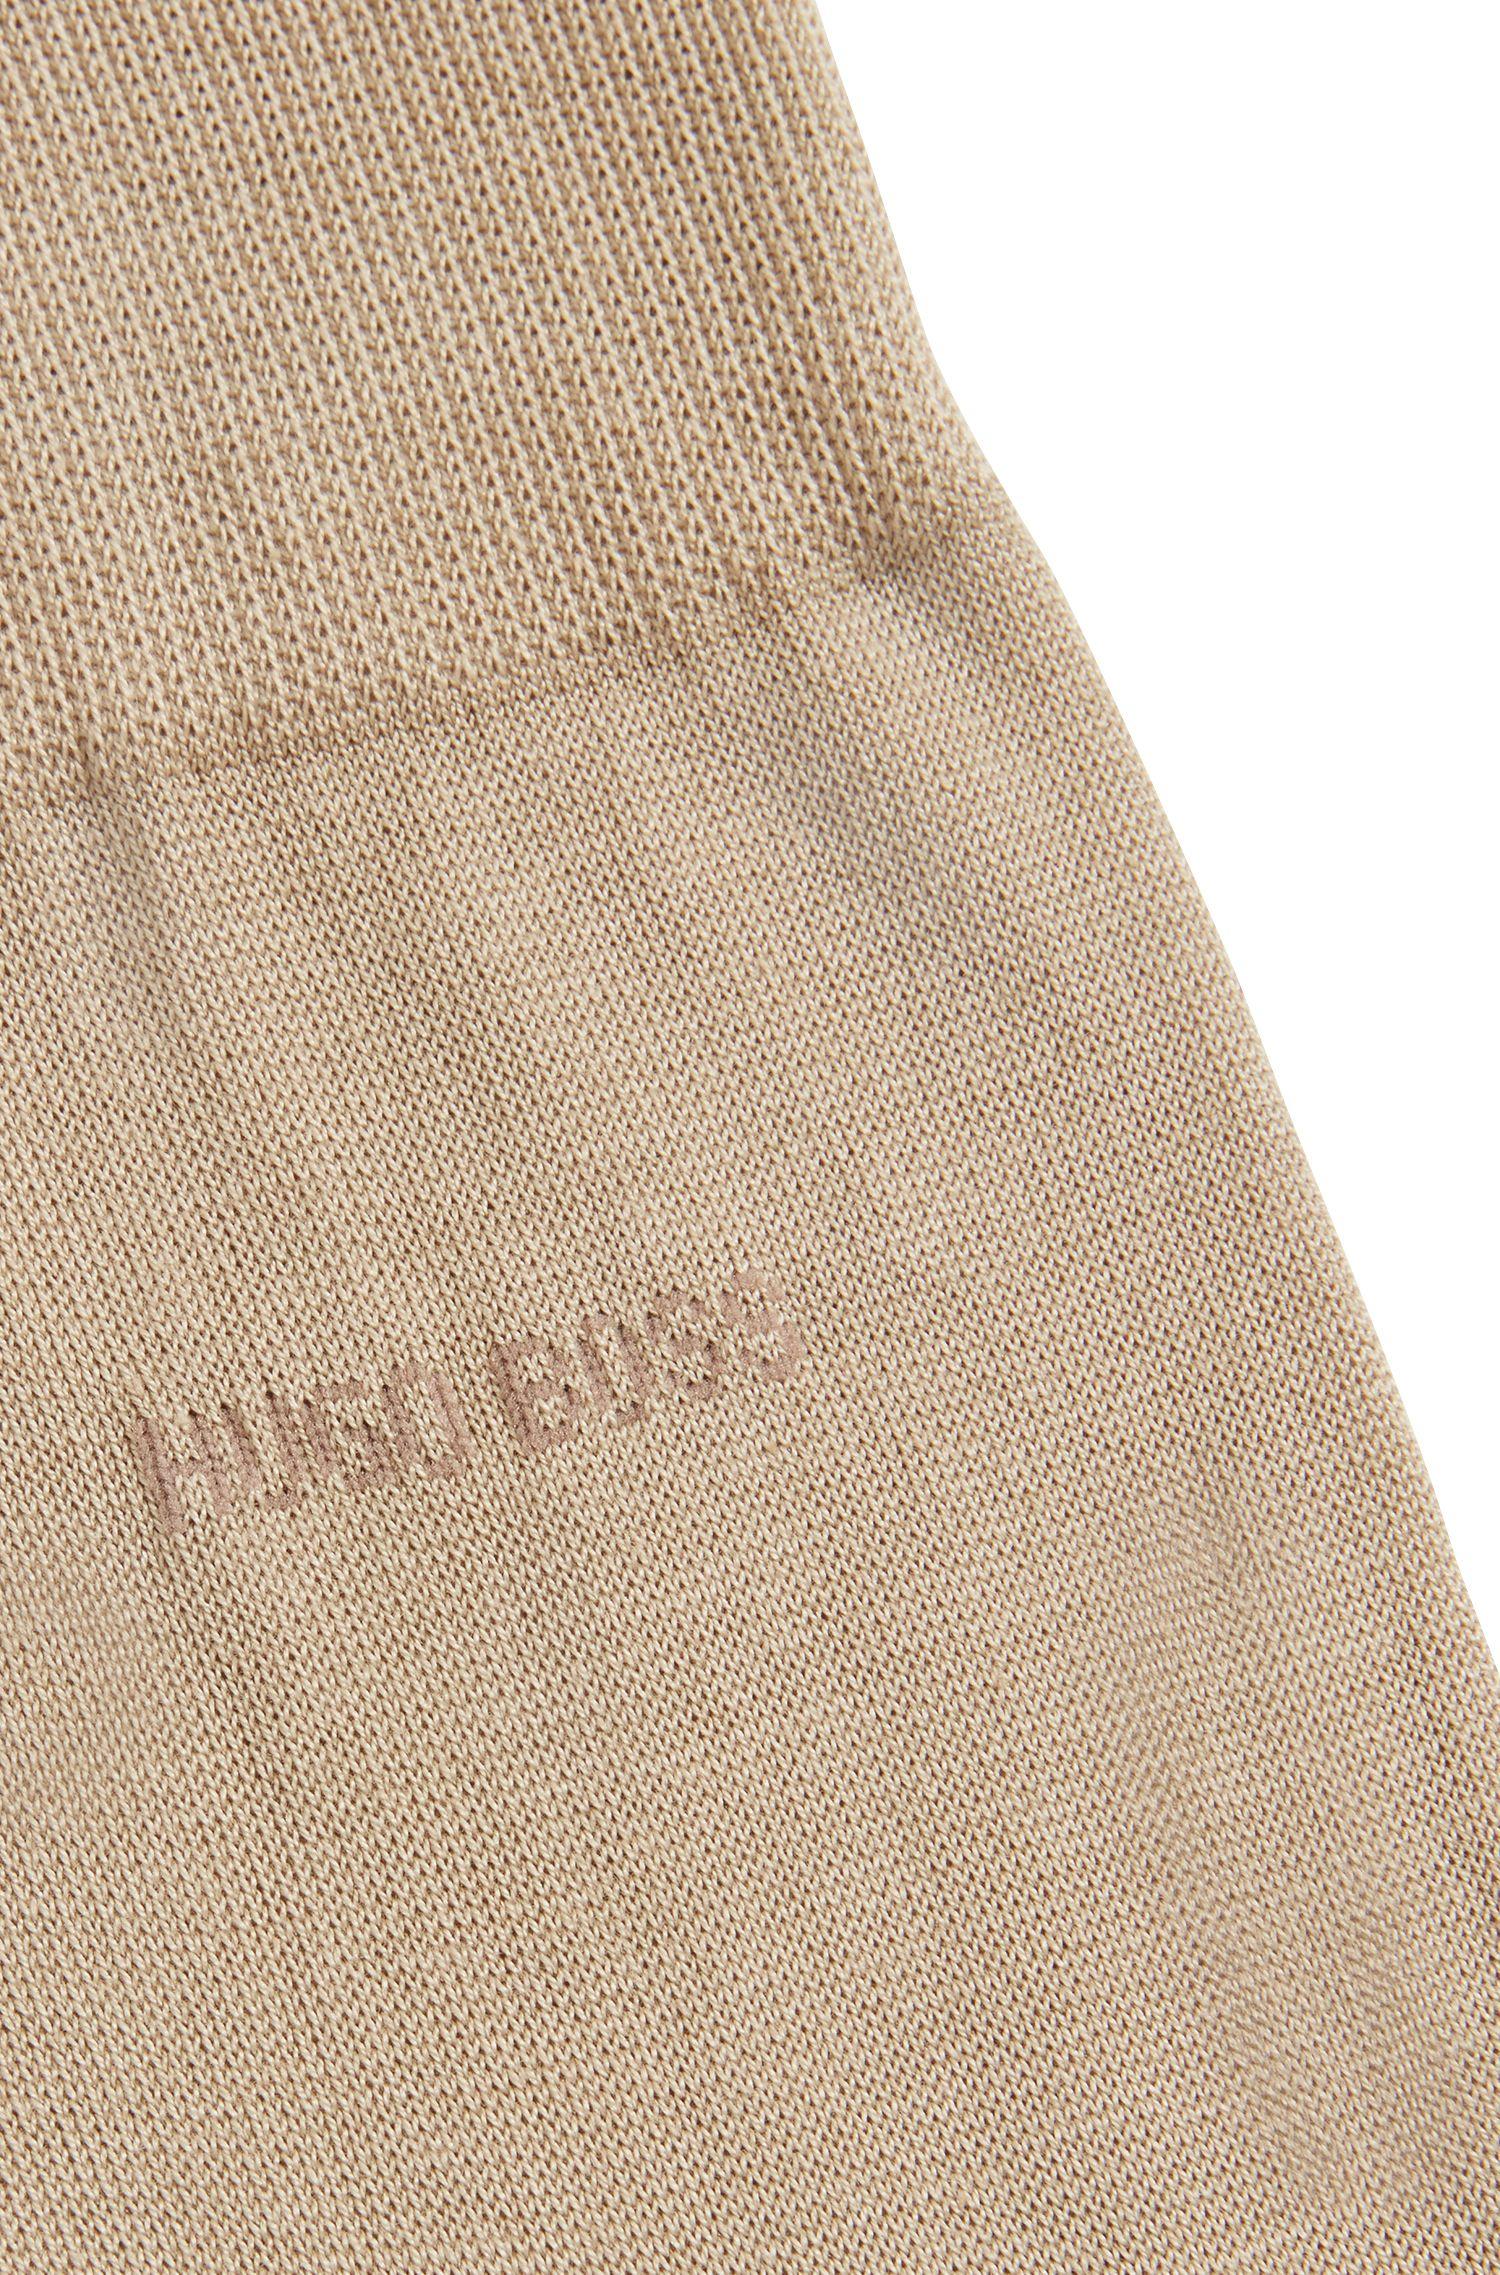 Calcetines de algodón egipcio mercerizado con suela reforzada, Beige